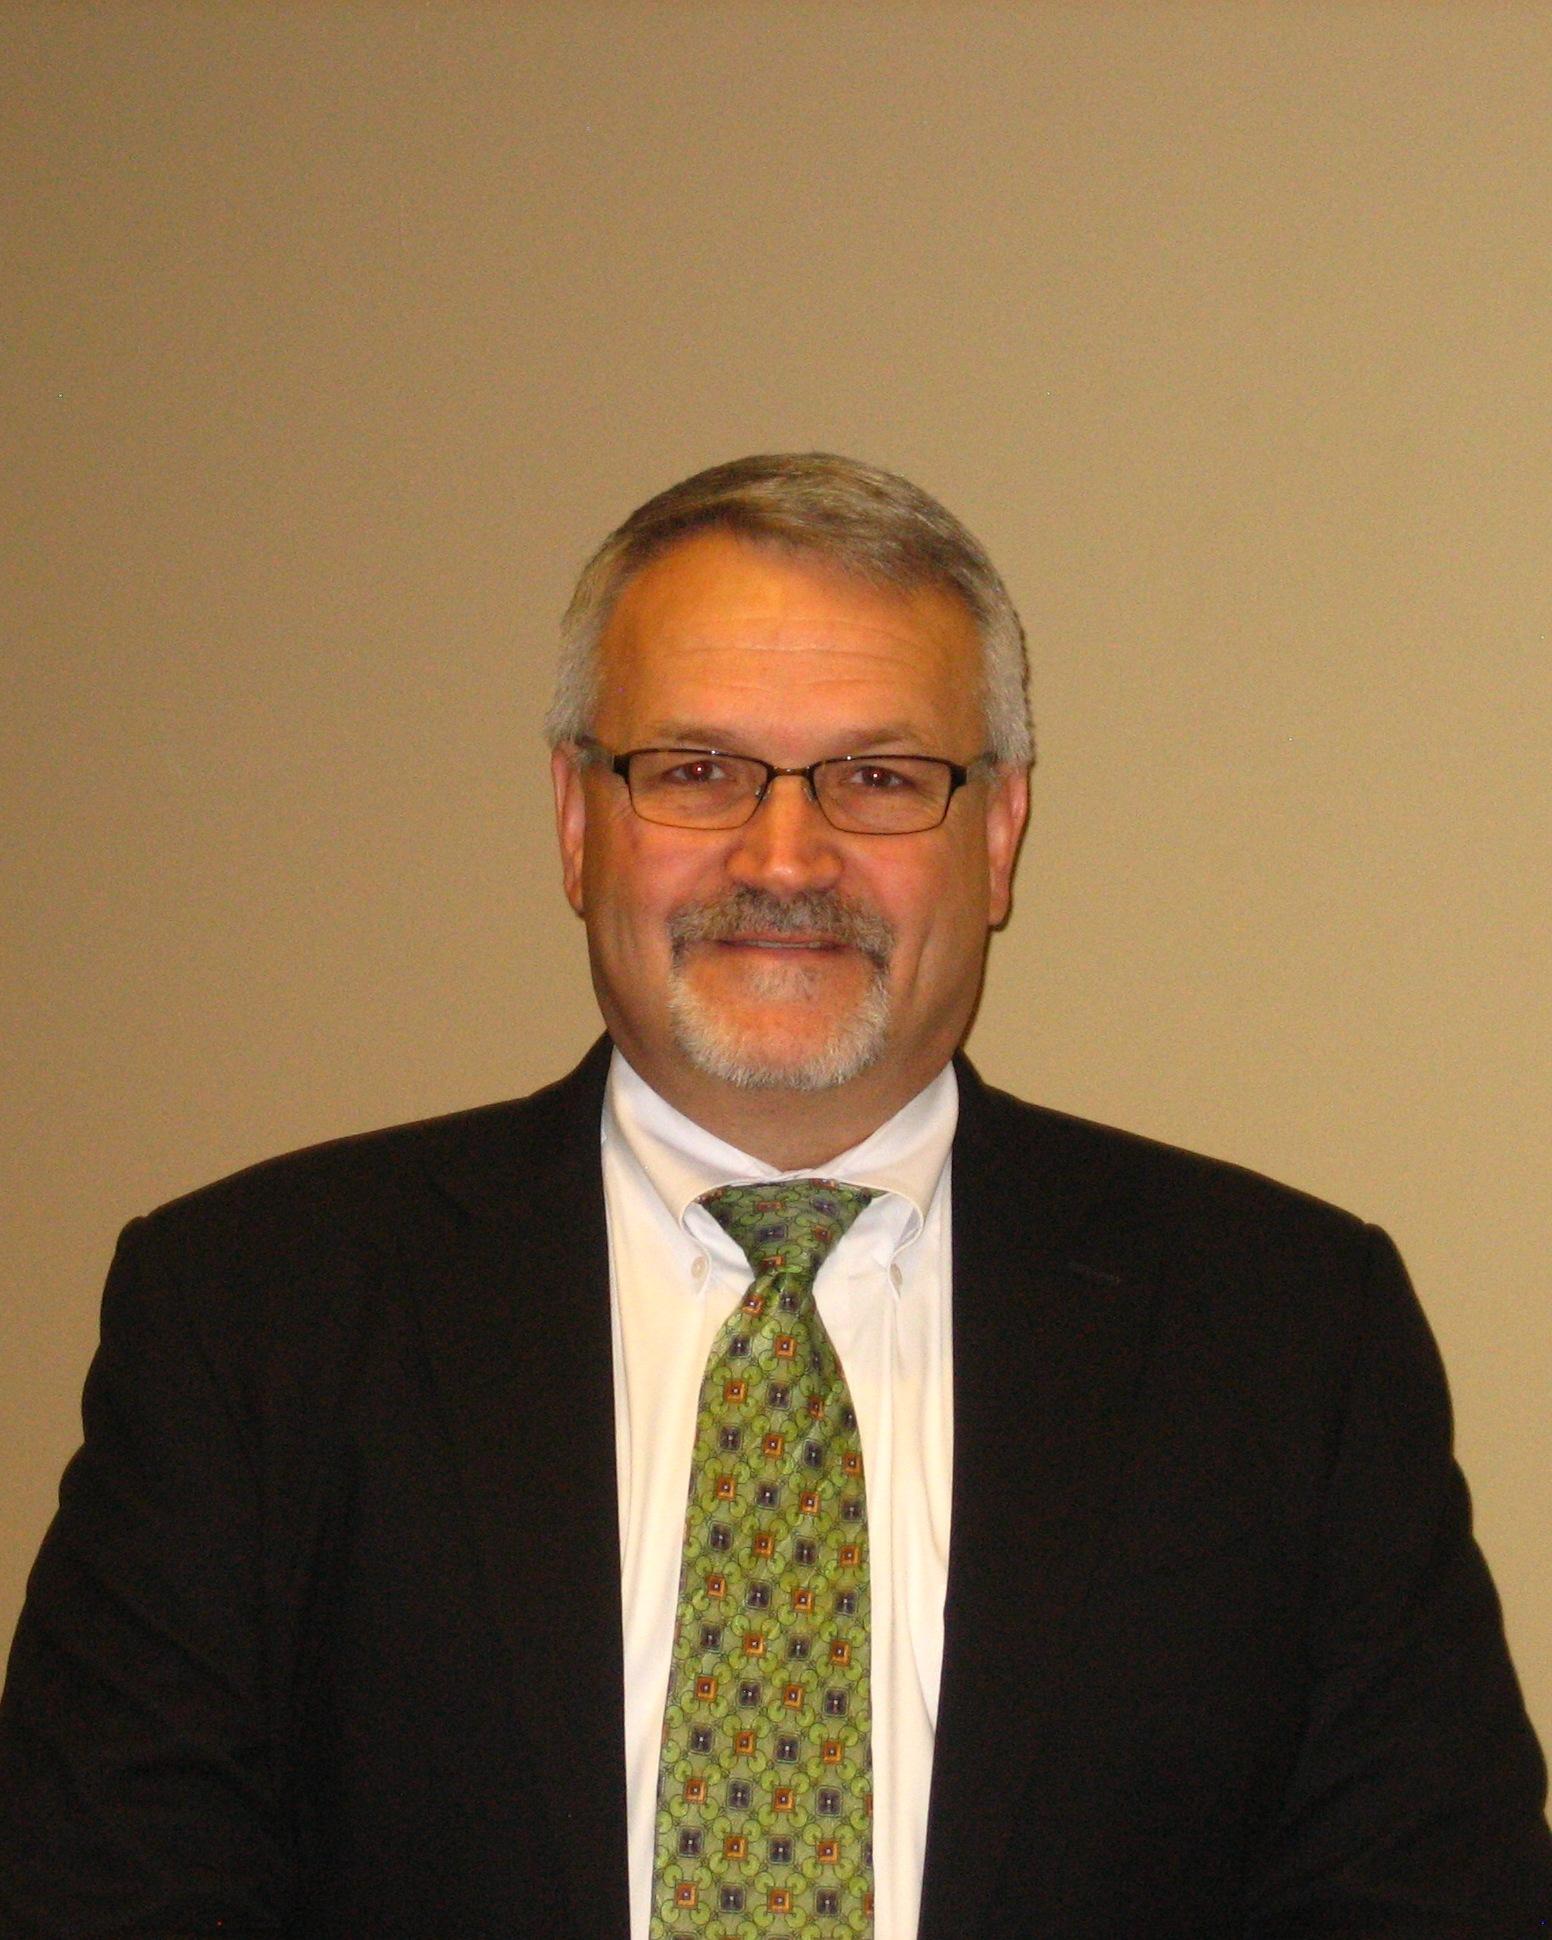 John Hrdlick